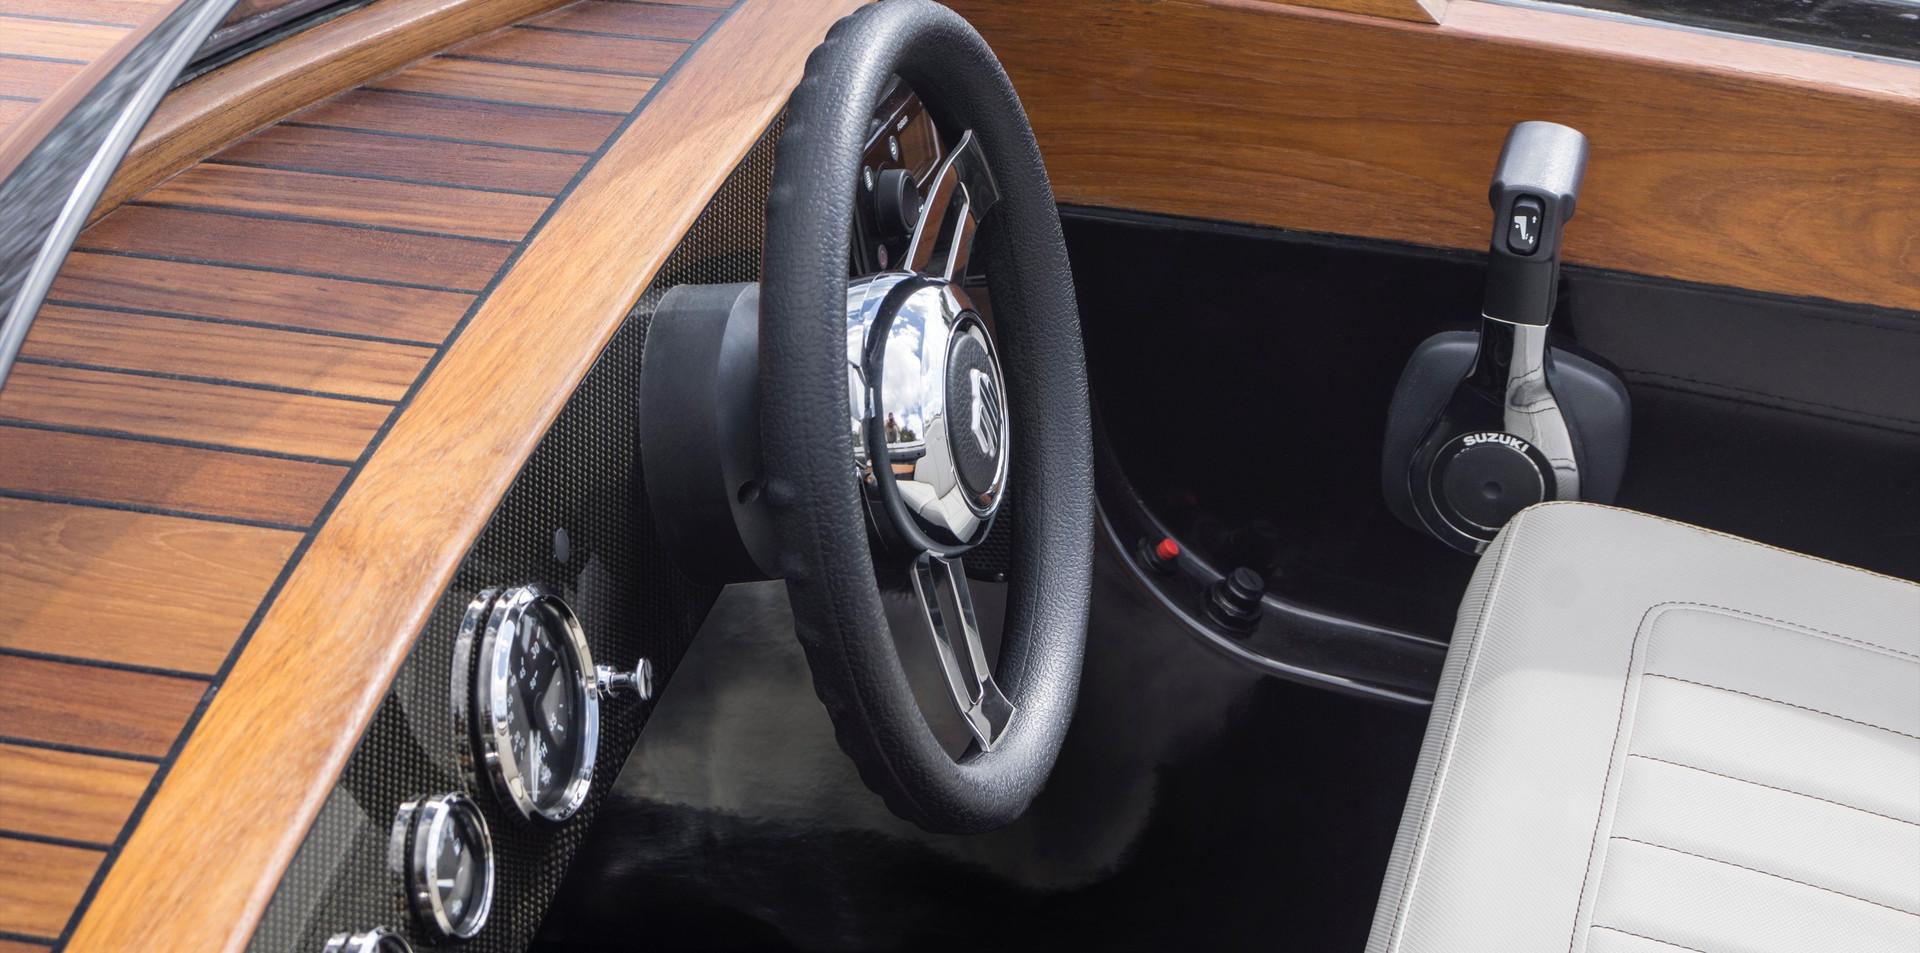 """Flying Shark 4.2 Classic """"Deluxe"""" - Suzuki rigging"""